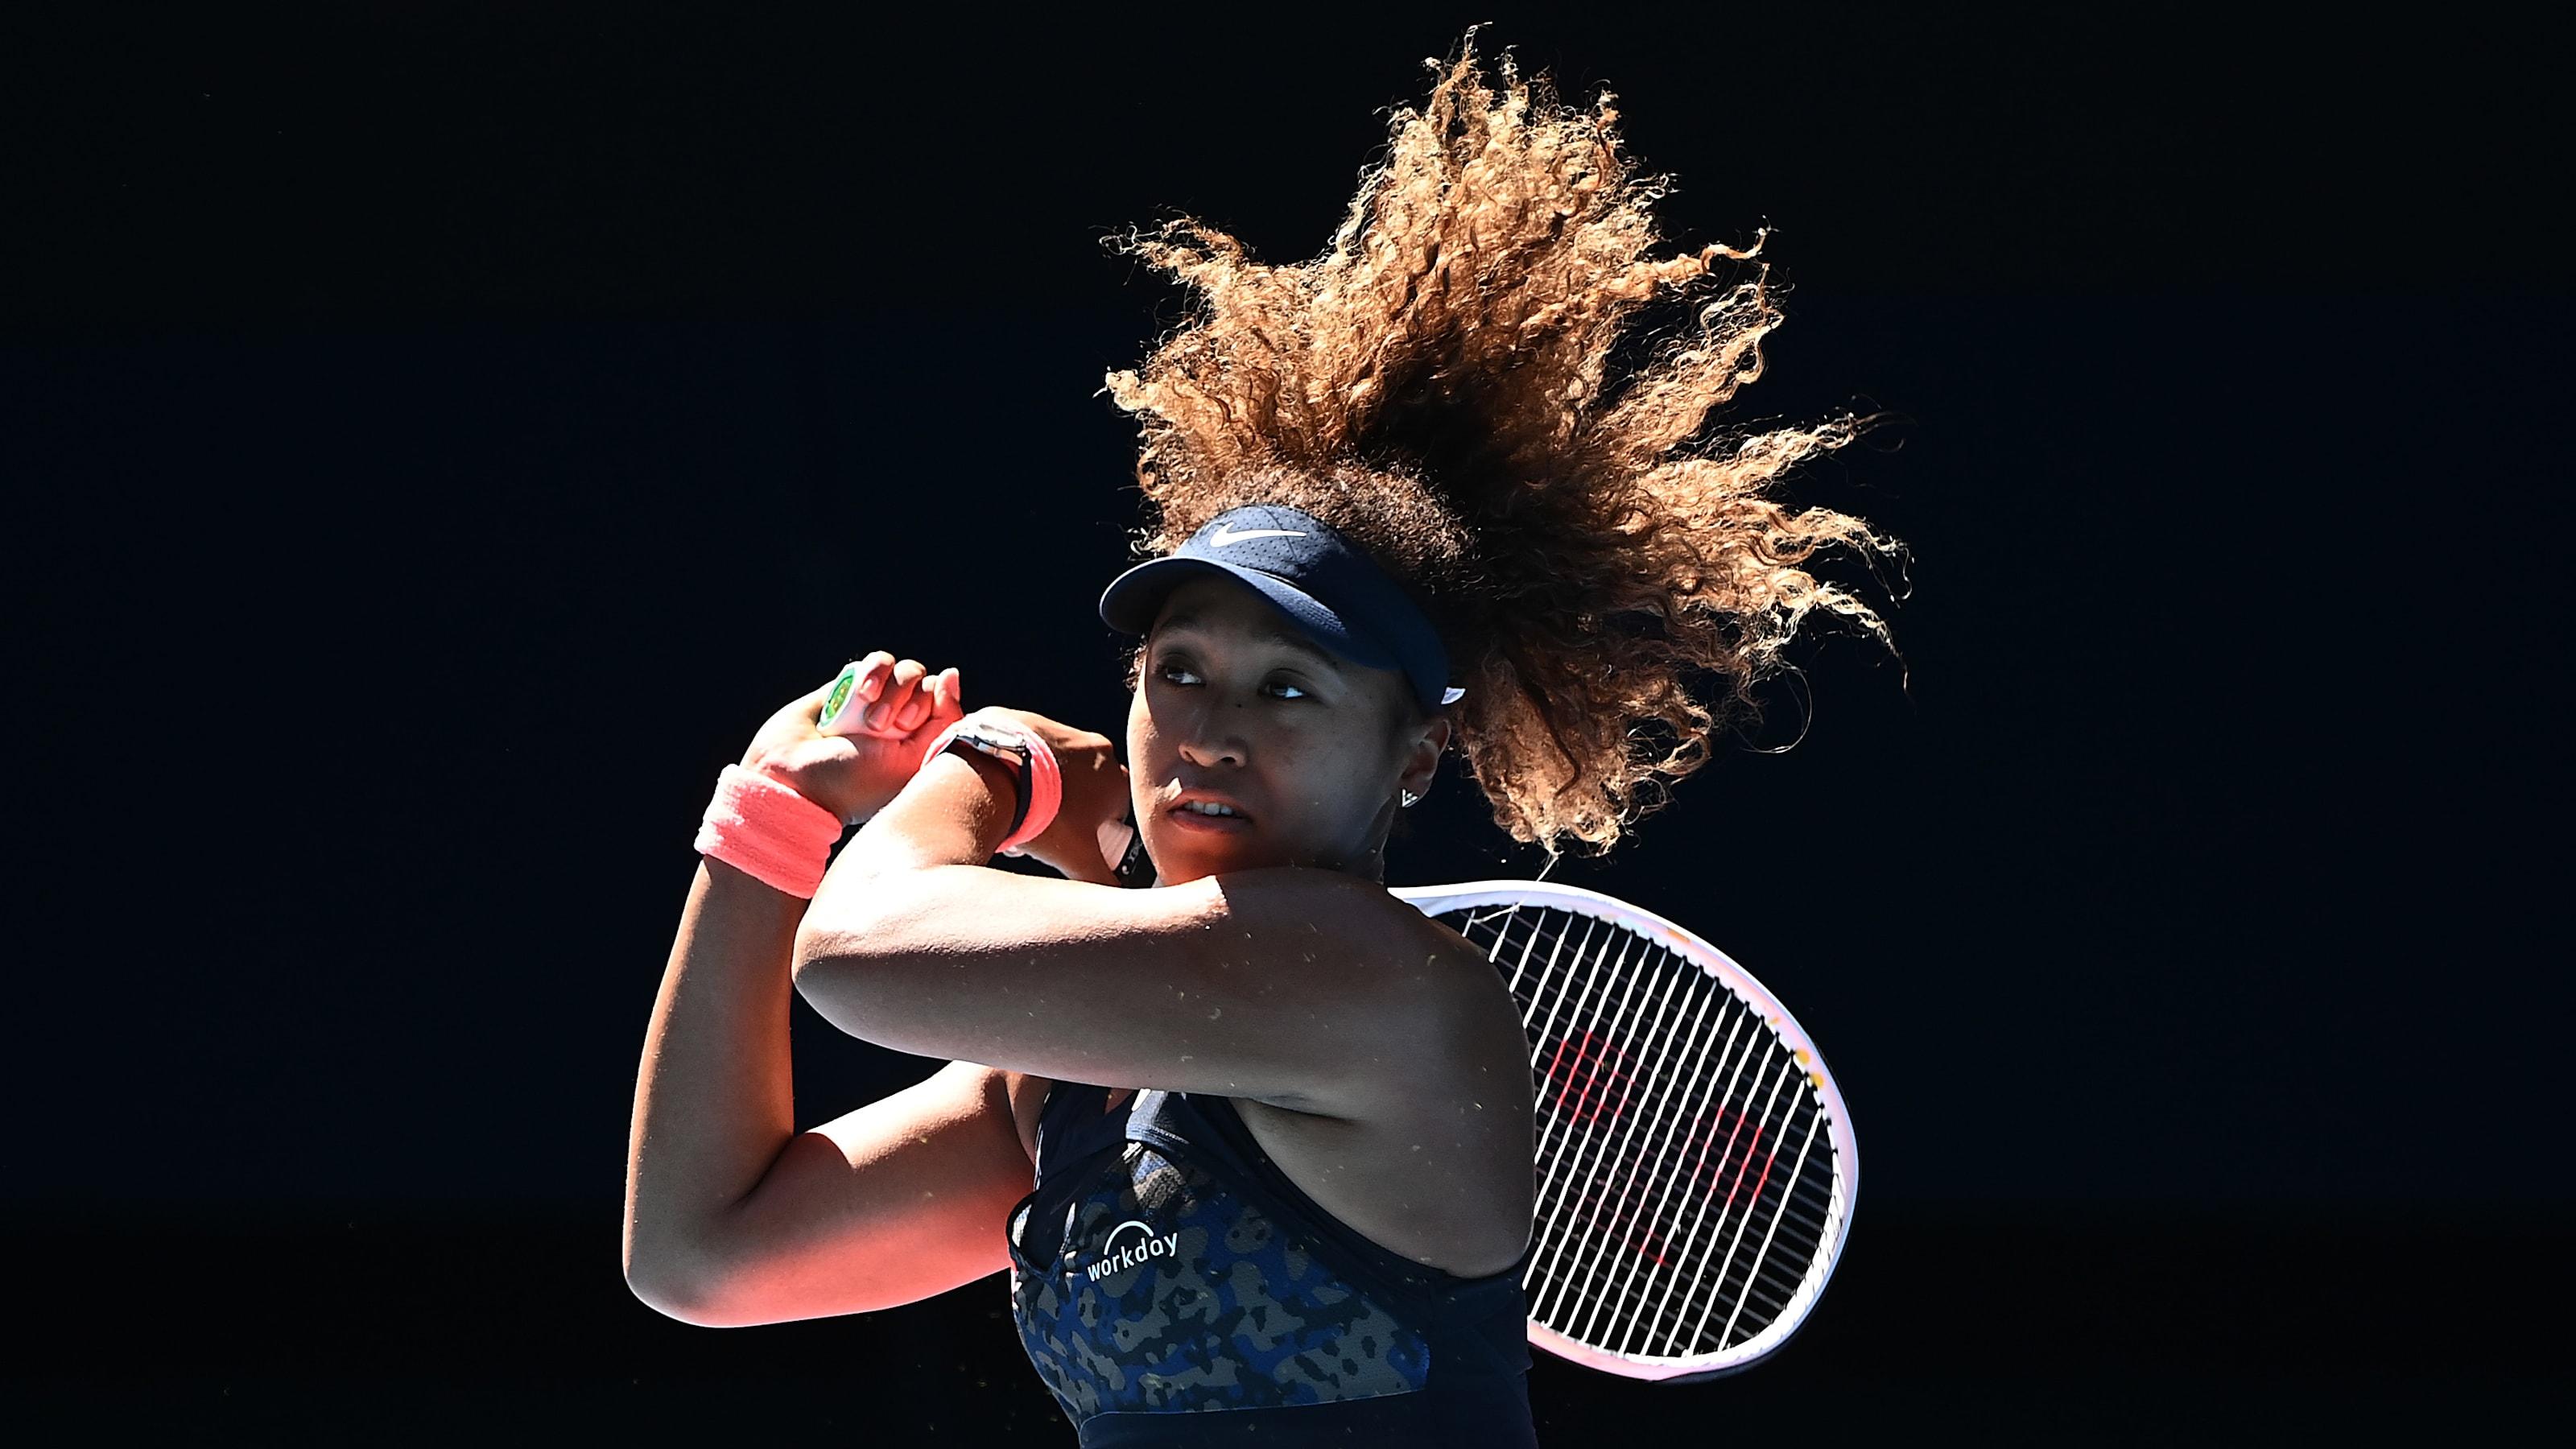 決勝 テニス テニス・ウィンブルドン2021:ジョコビッチvsベレッティーニ(決勝) テキスト速報